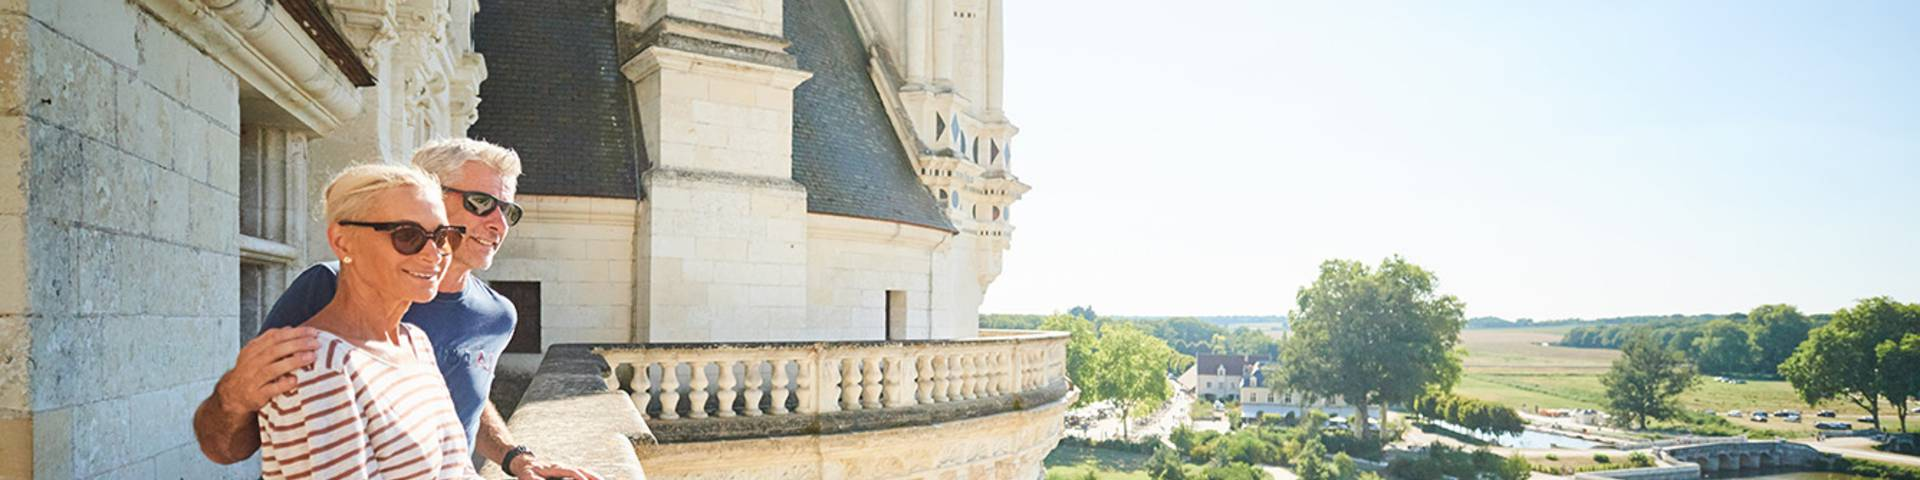 Les terrasses de Chambord_ Crédit Benjamin Brolet